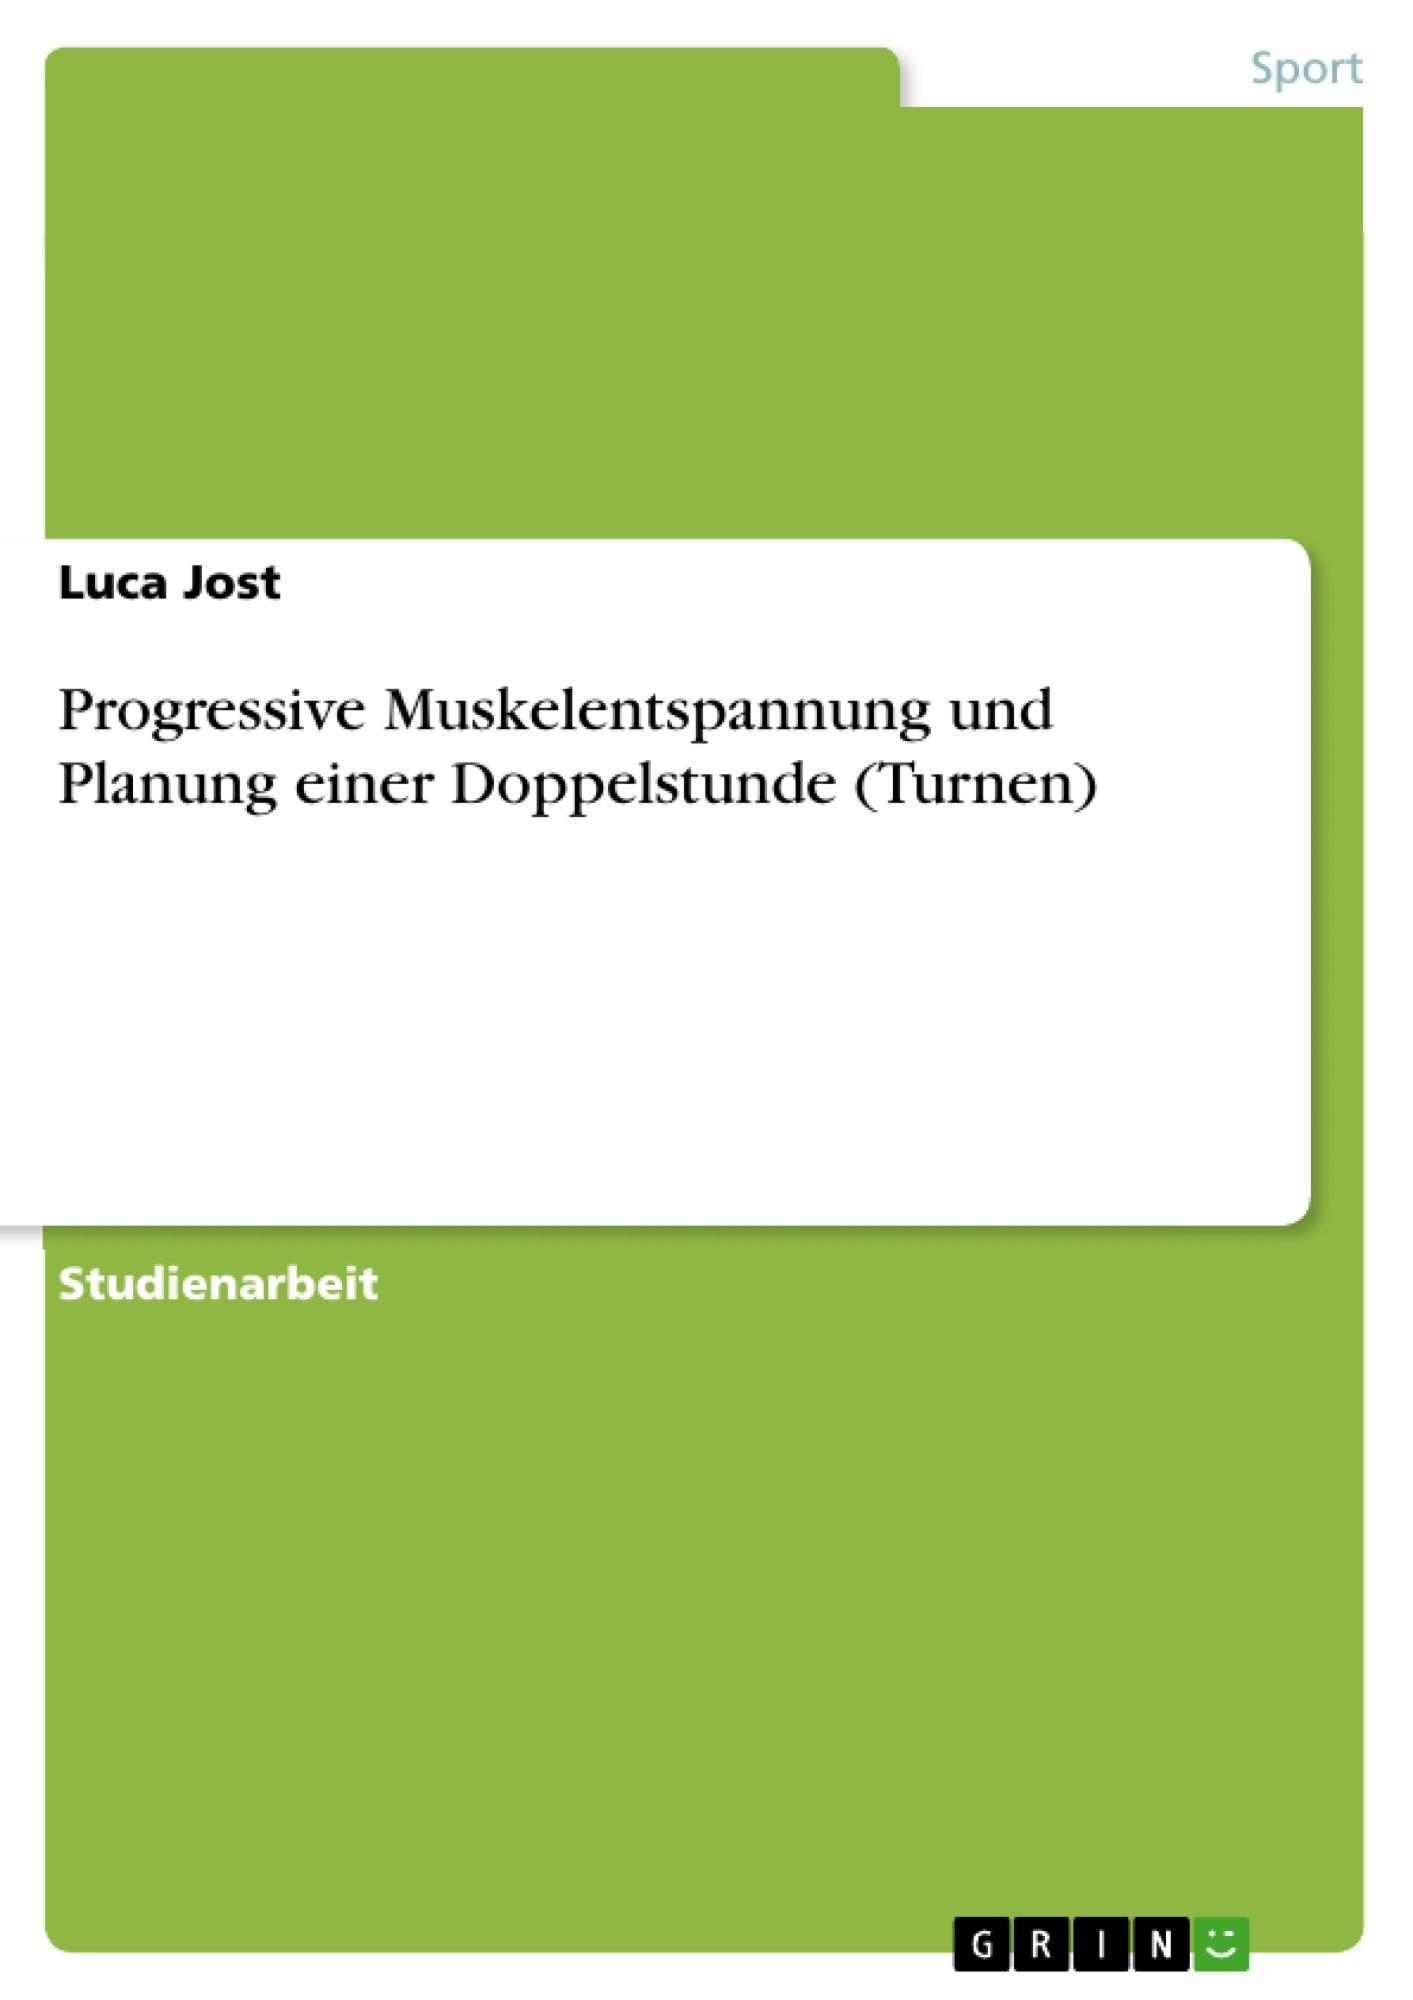 Titel: Progressive Muskelentspannung und Planung einer Doppelstunde (Turnen)